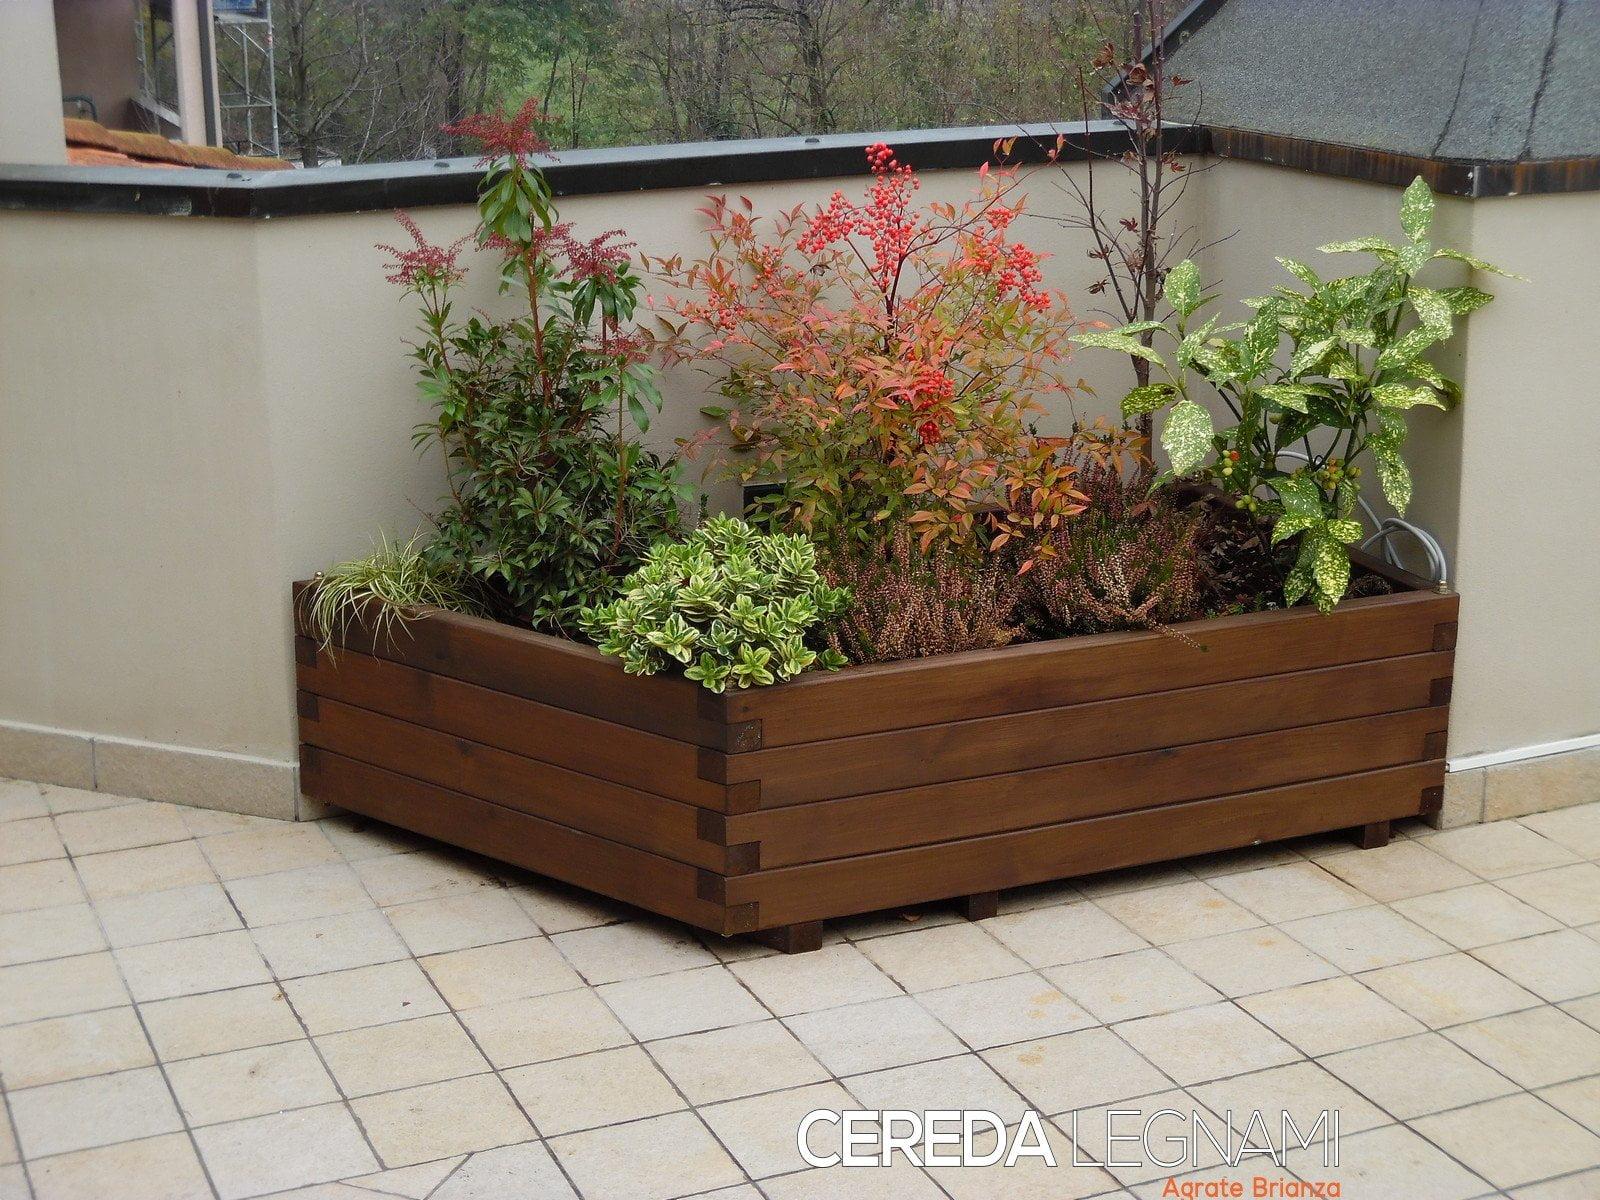 Vasi per giardino cereda legnami agrate brianza for Vasi decorativi per esterno